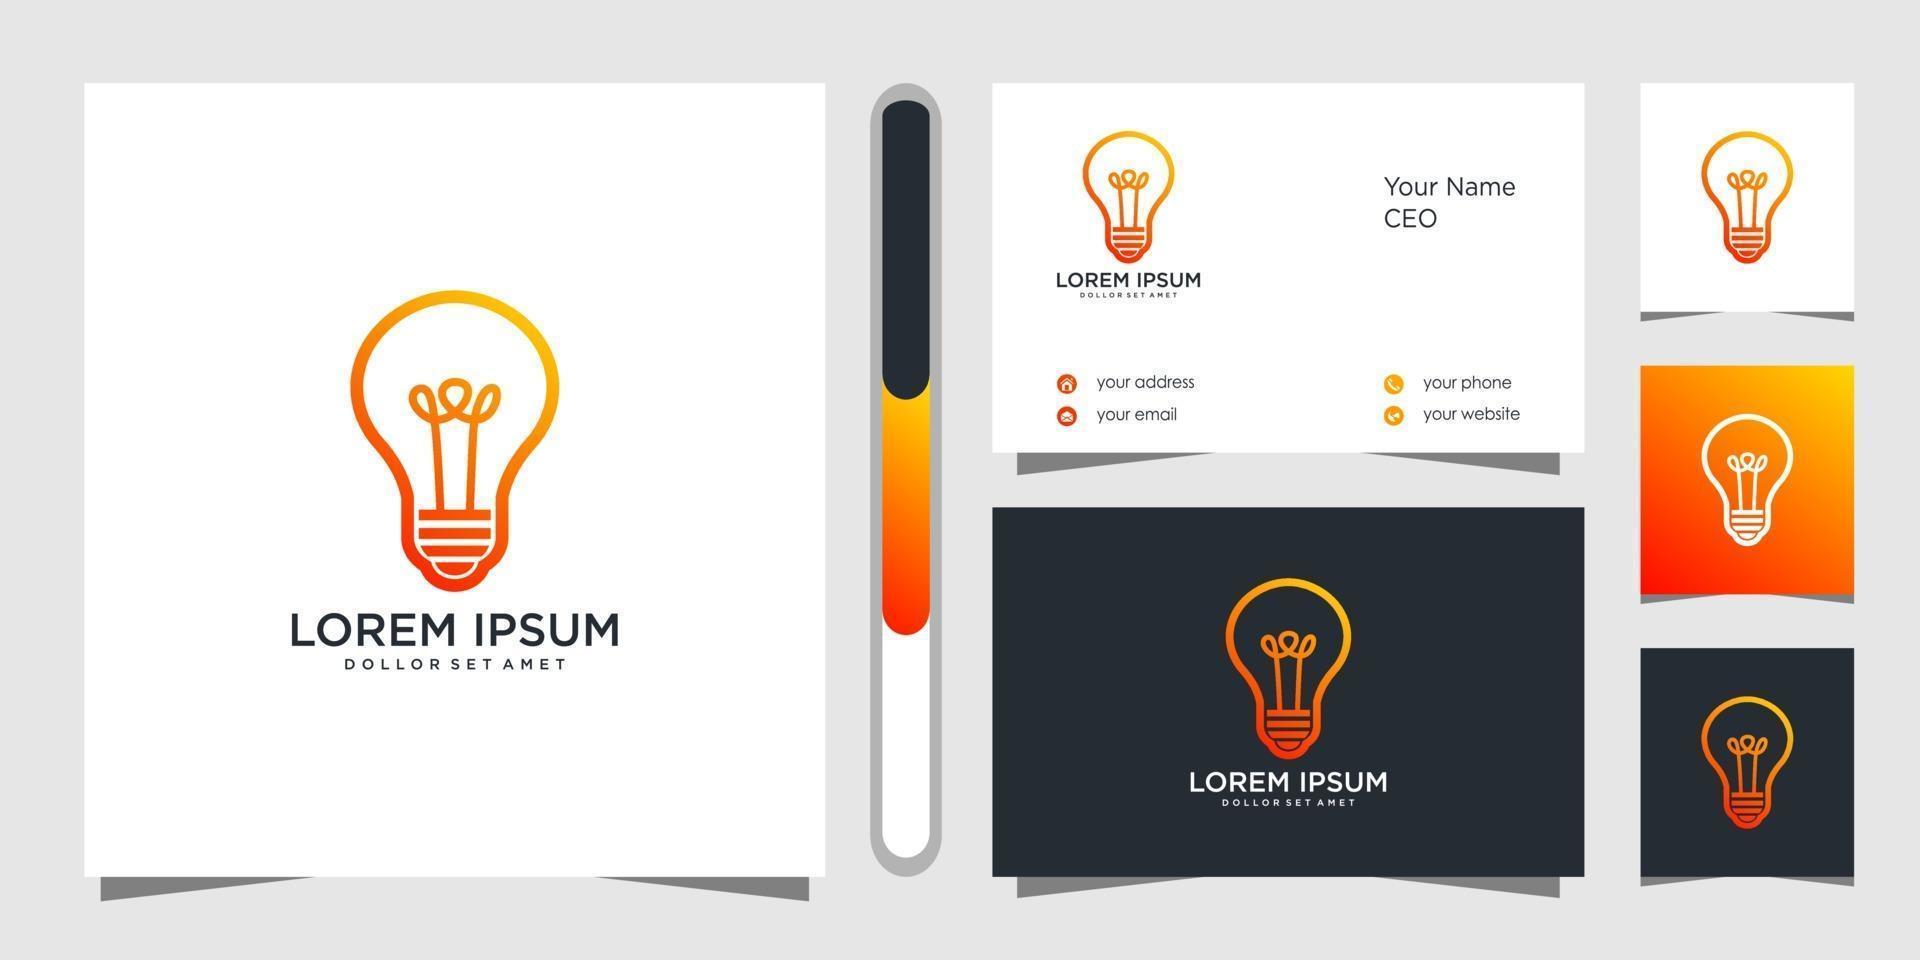 conception de logo créatif ampoule et carte de visite vecteur